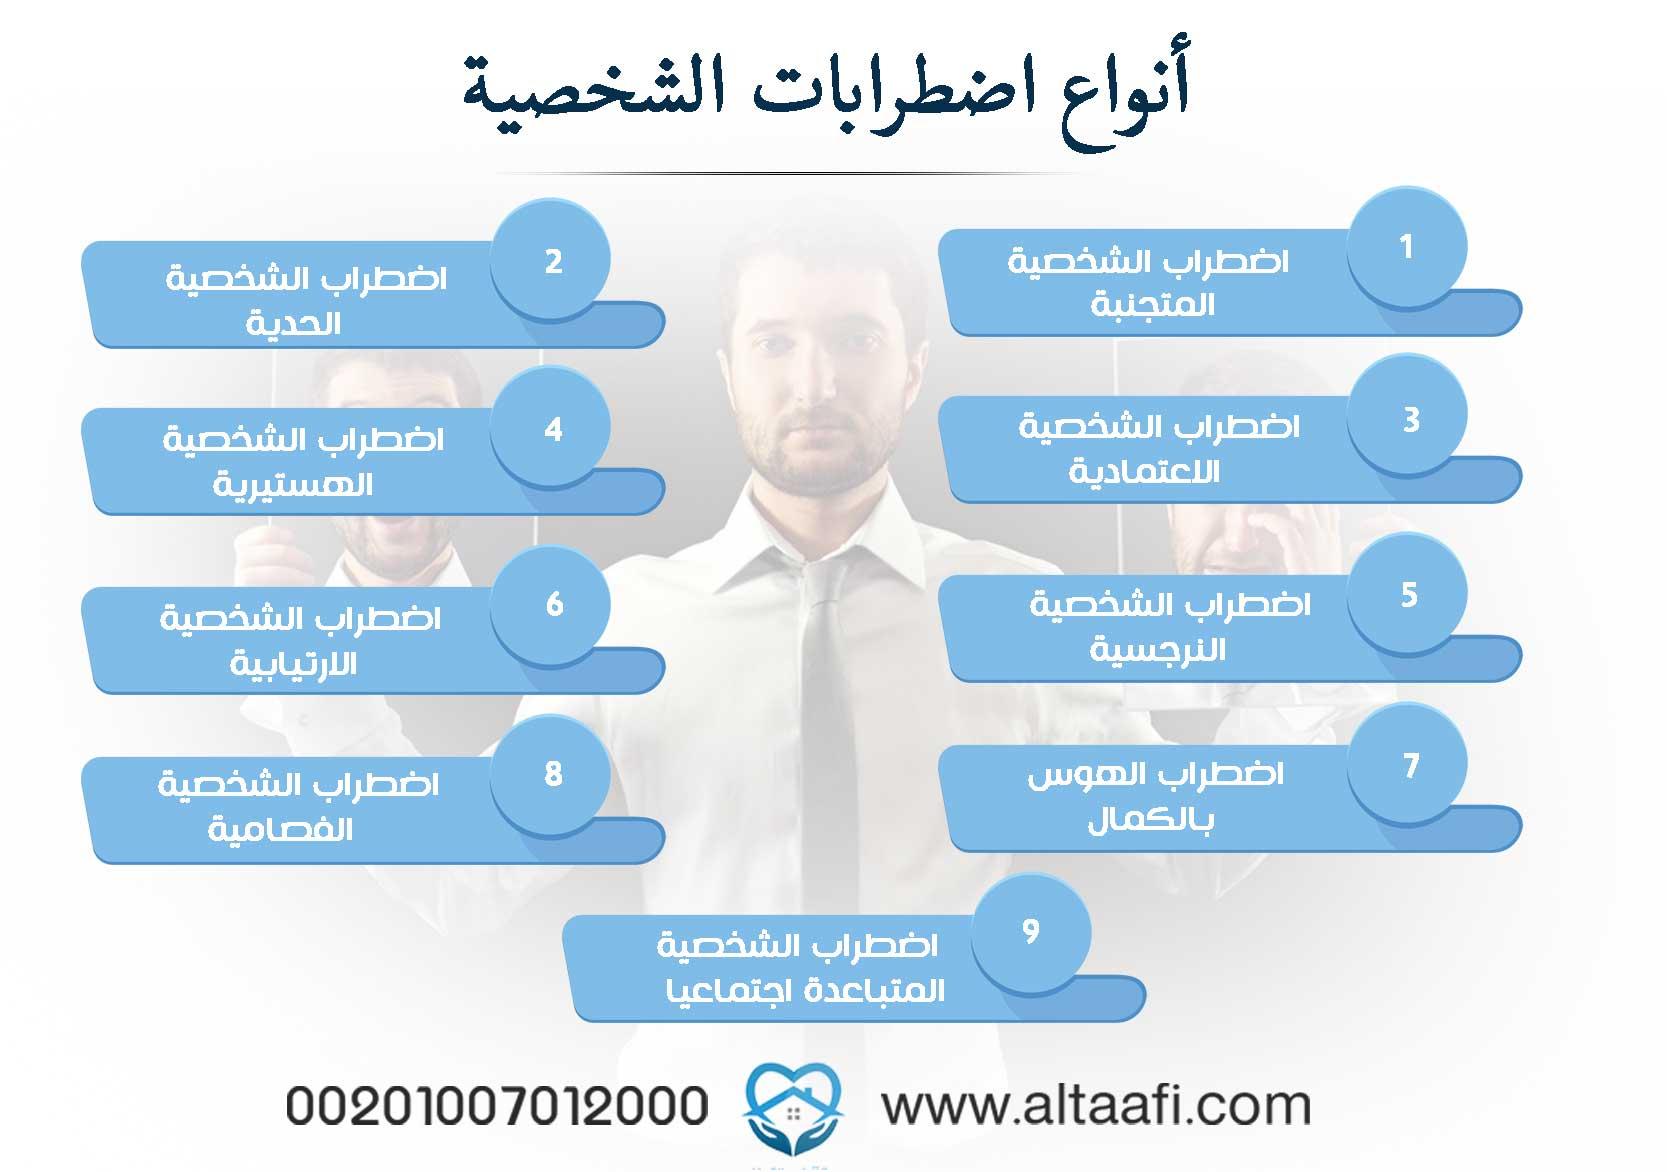 أنواع اضطرابات الشخصية